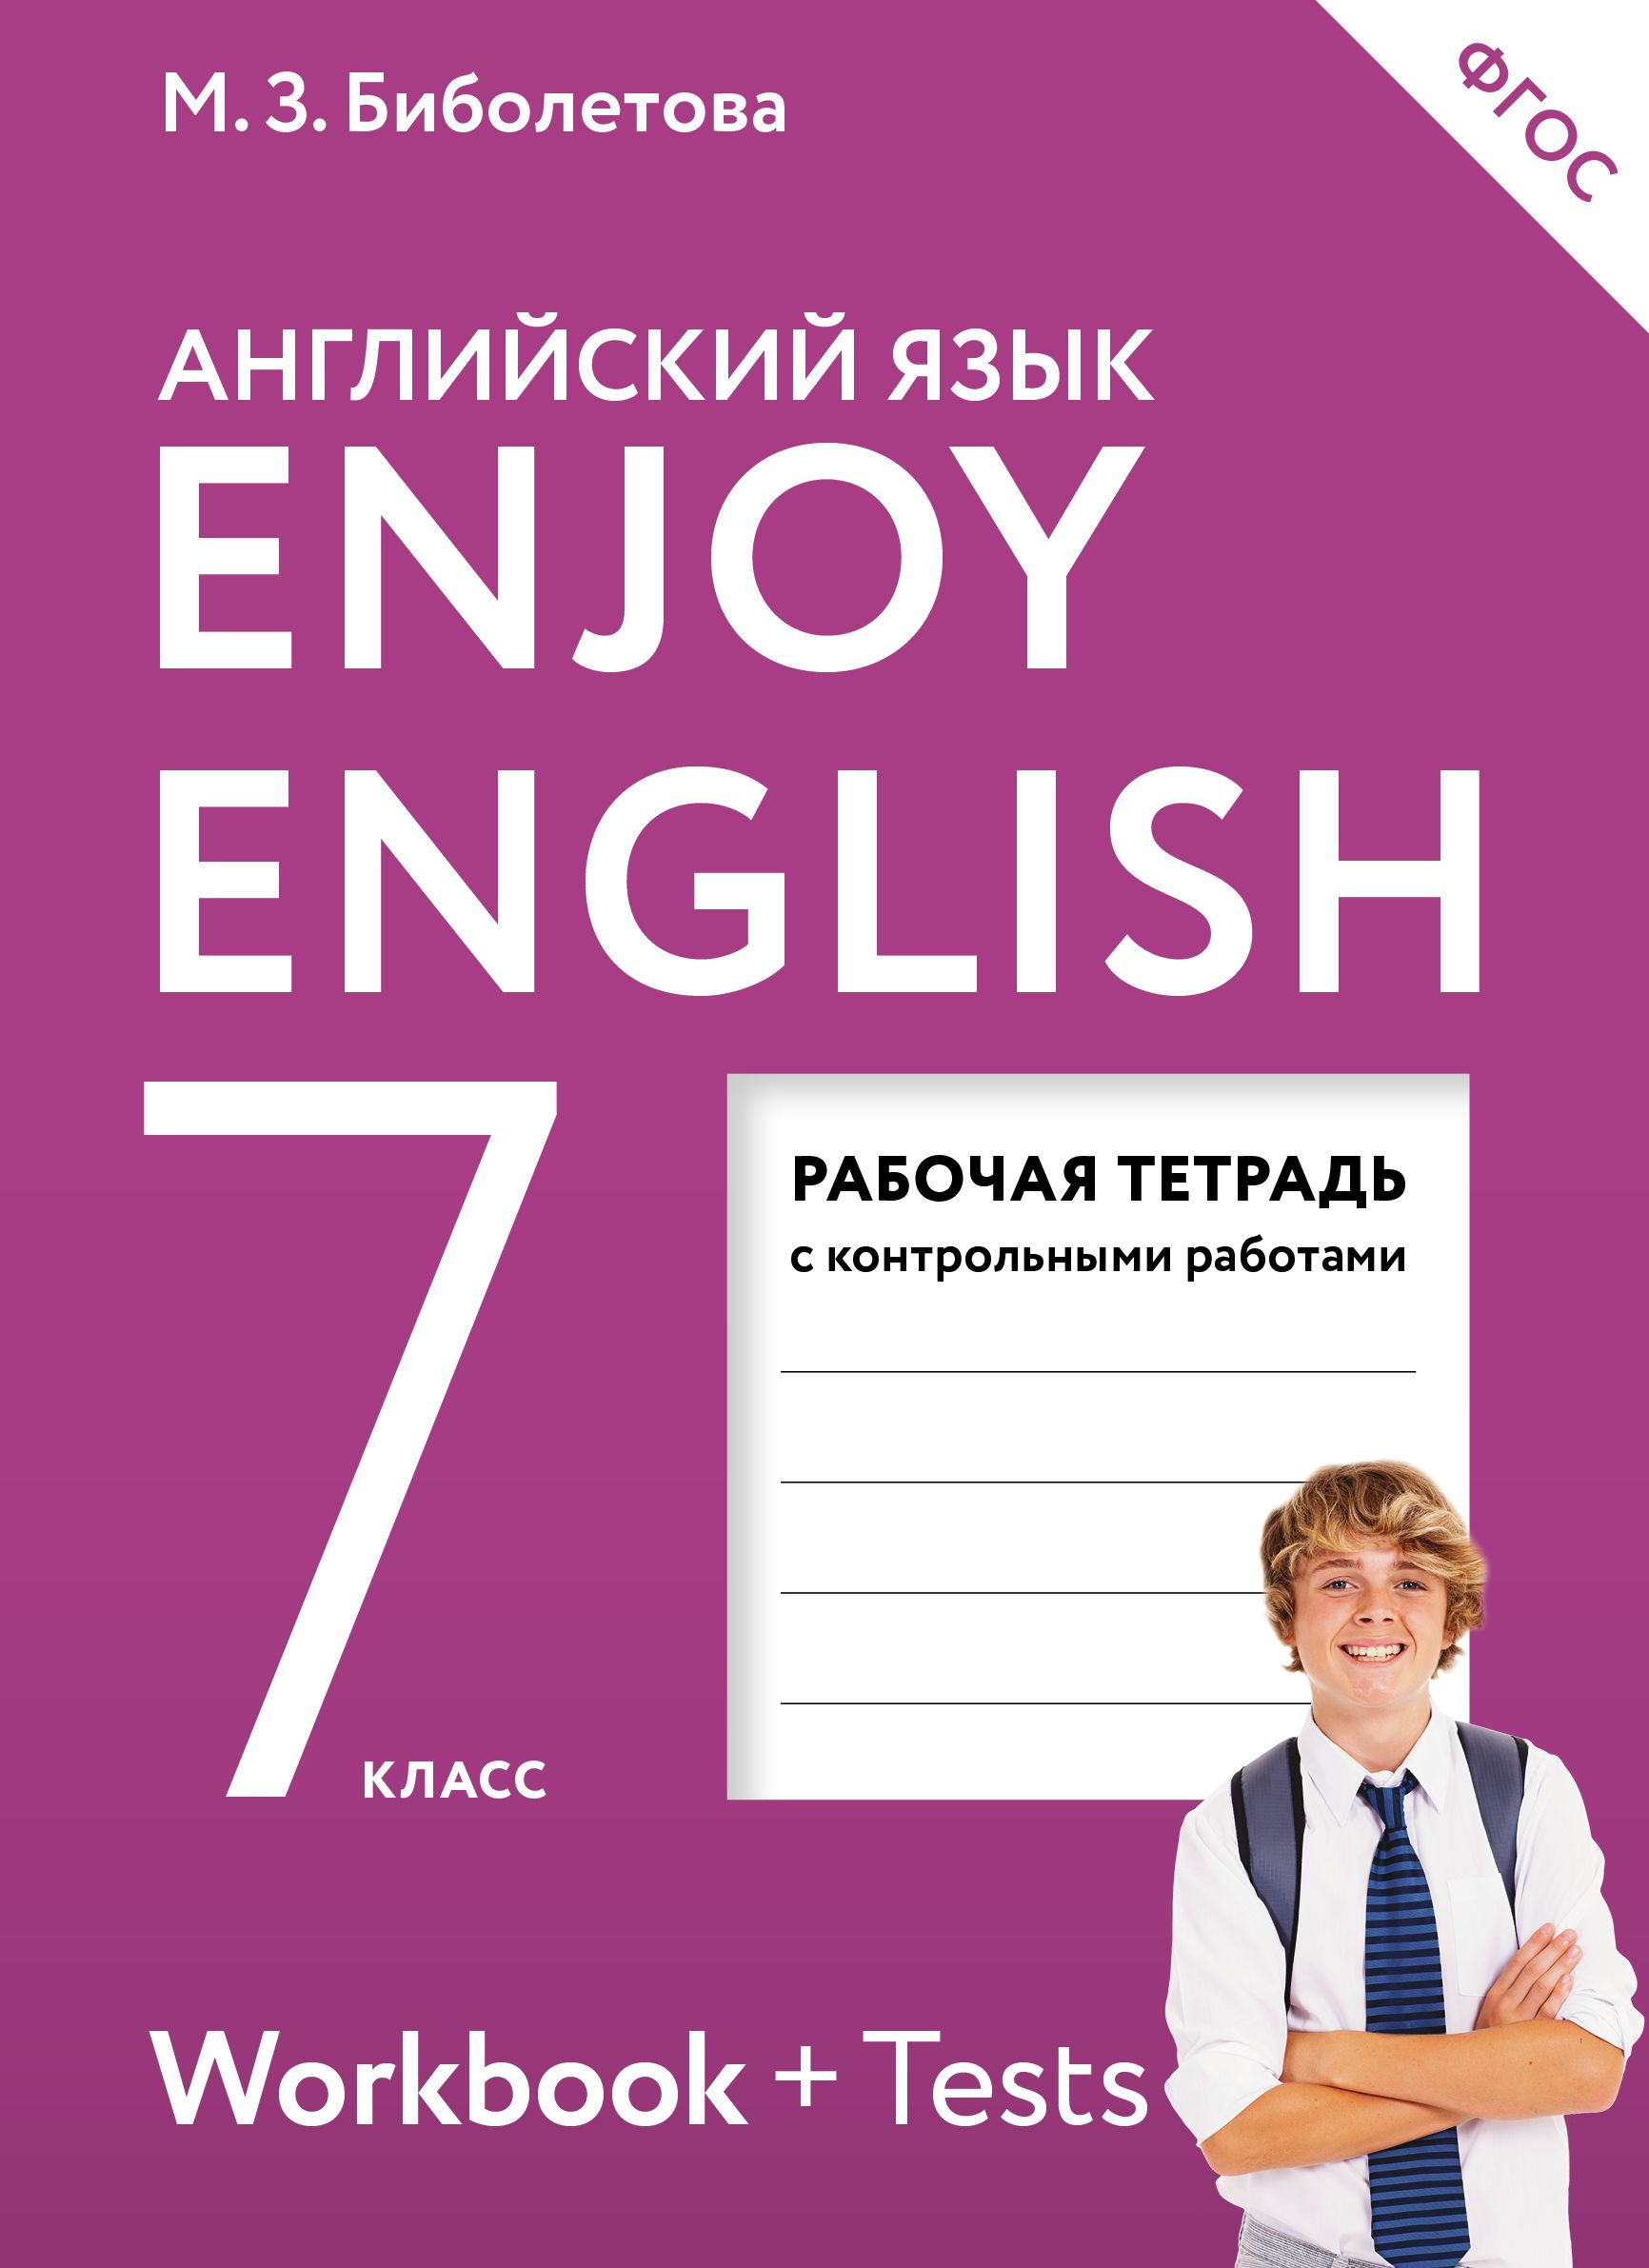 Скачать бесплатно гдз по английскому enjoy english класс